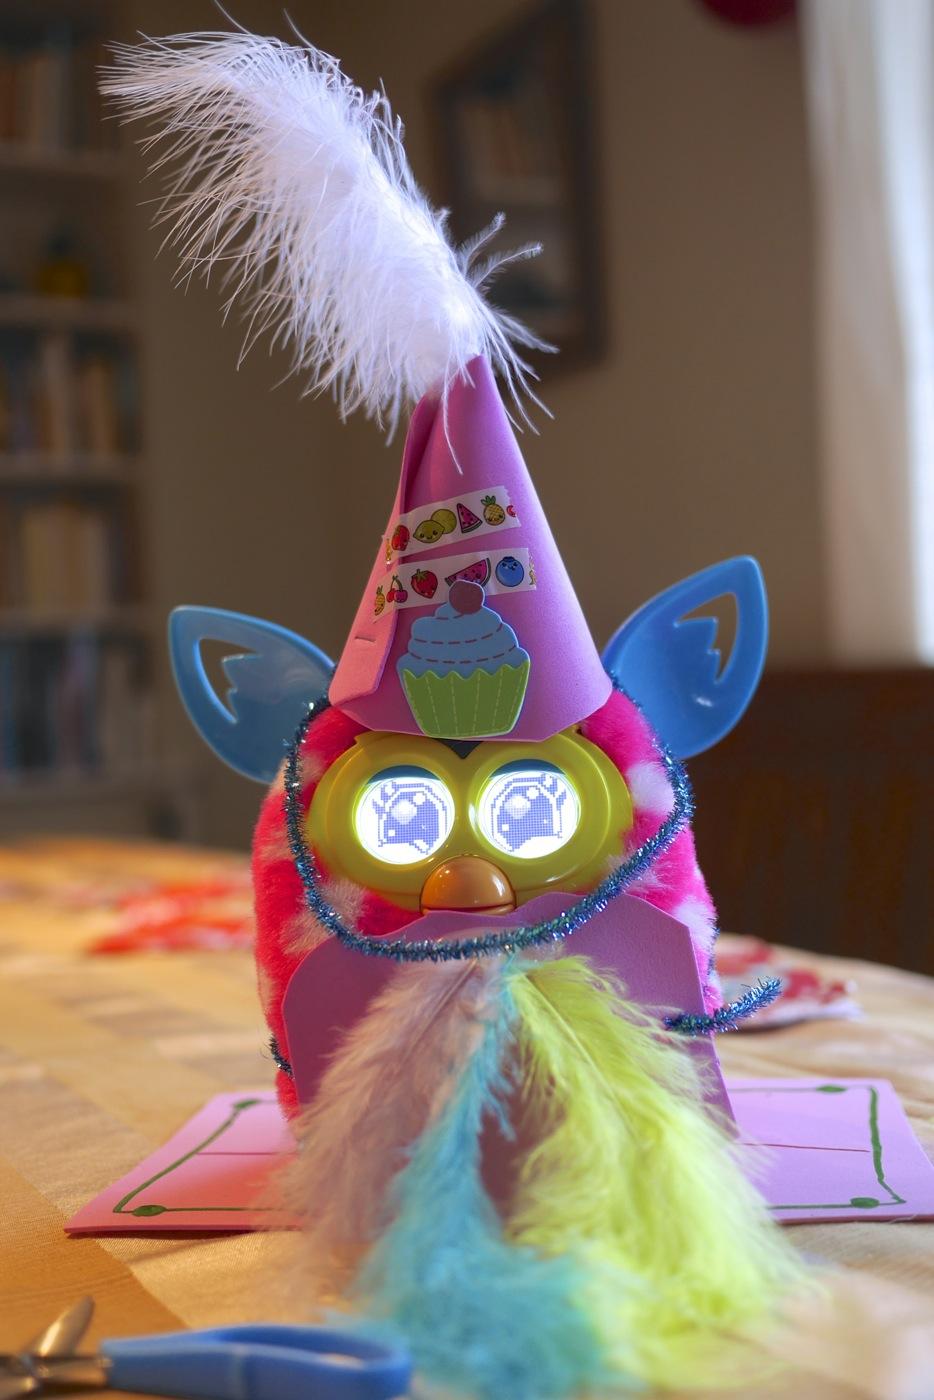 Collier de plume et chapeau élégant pour ce Furby boom.